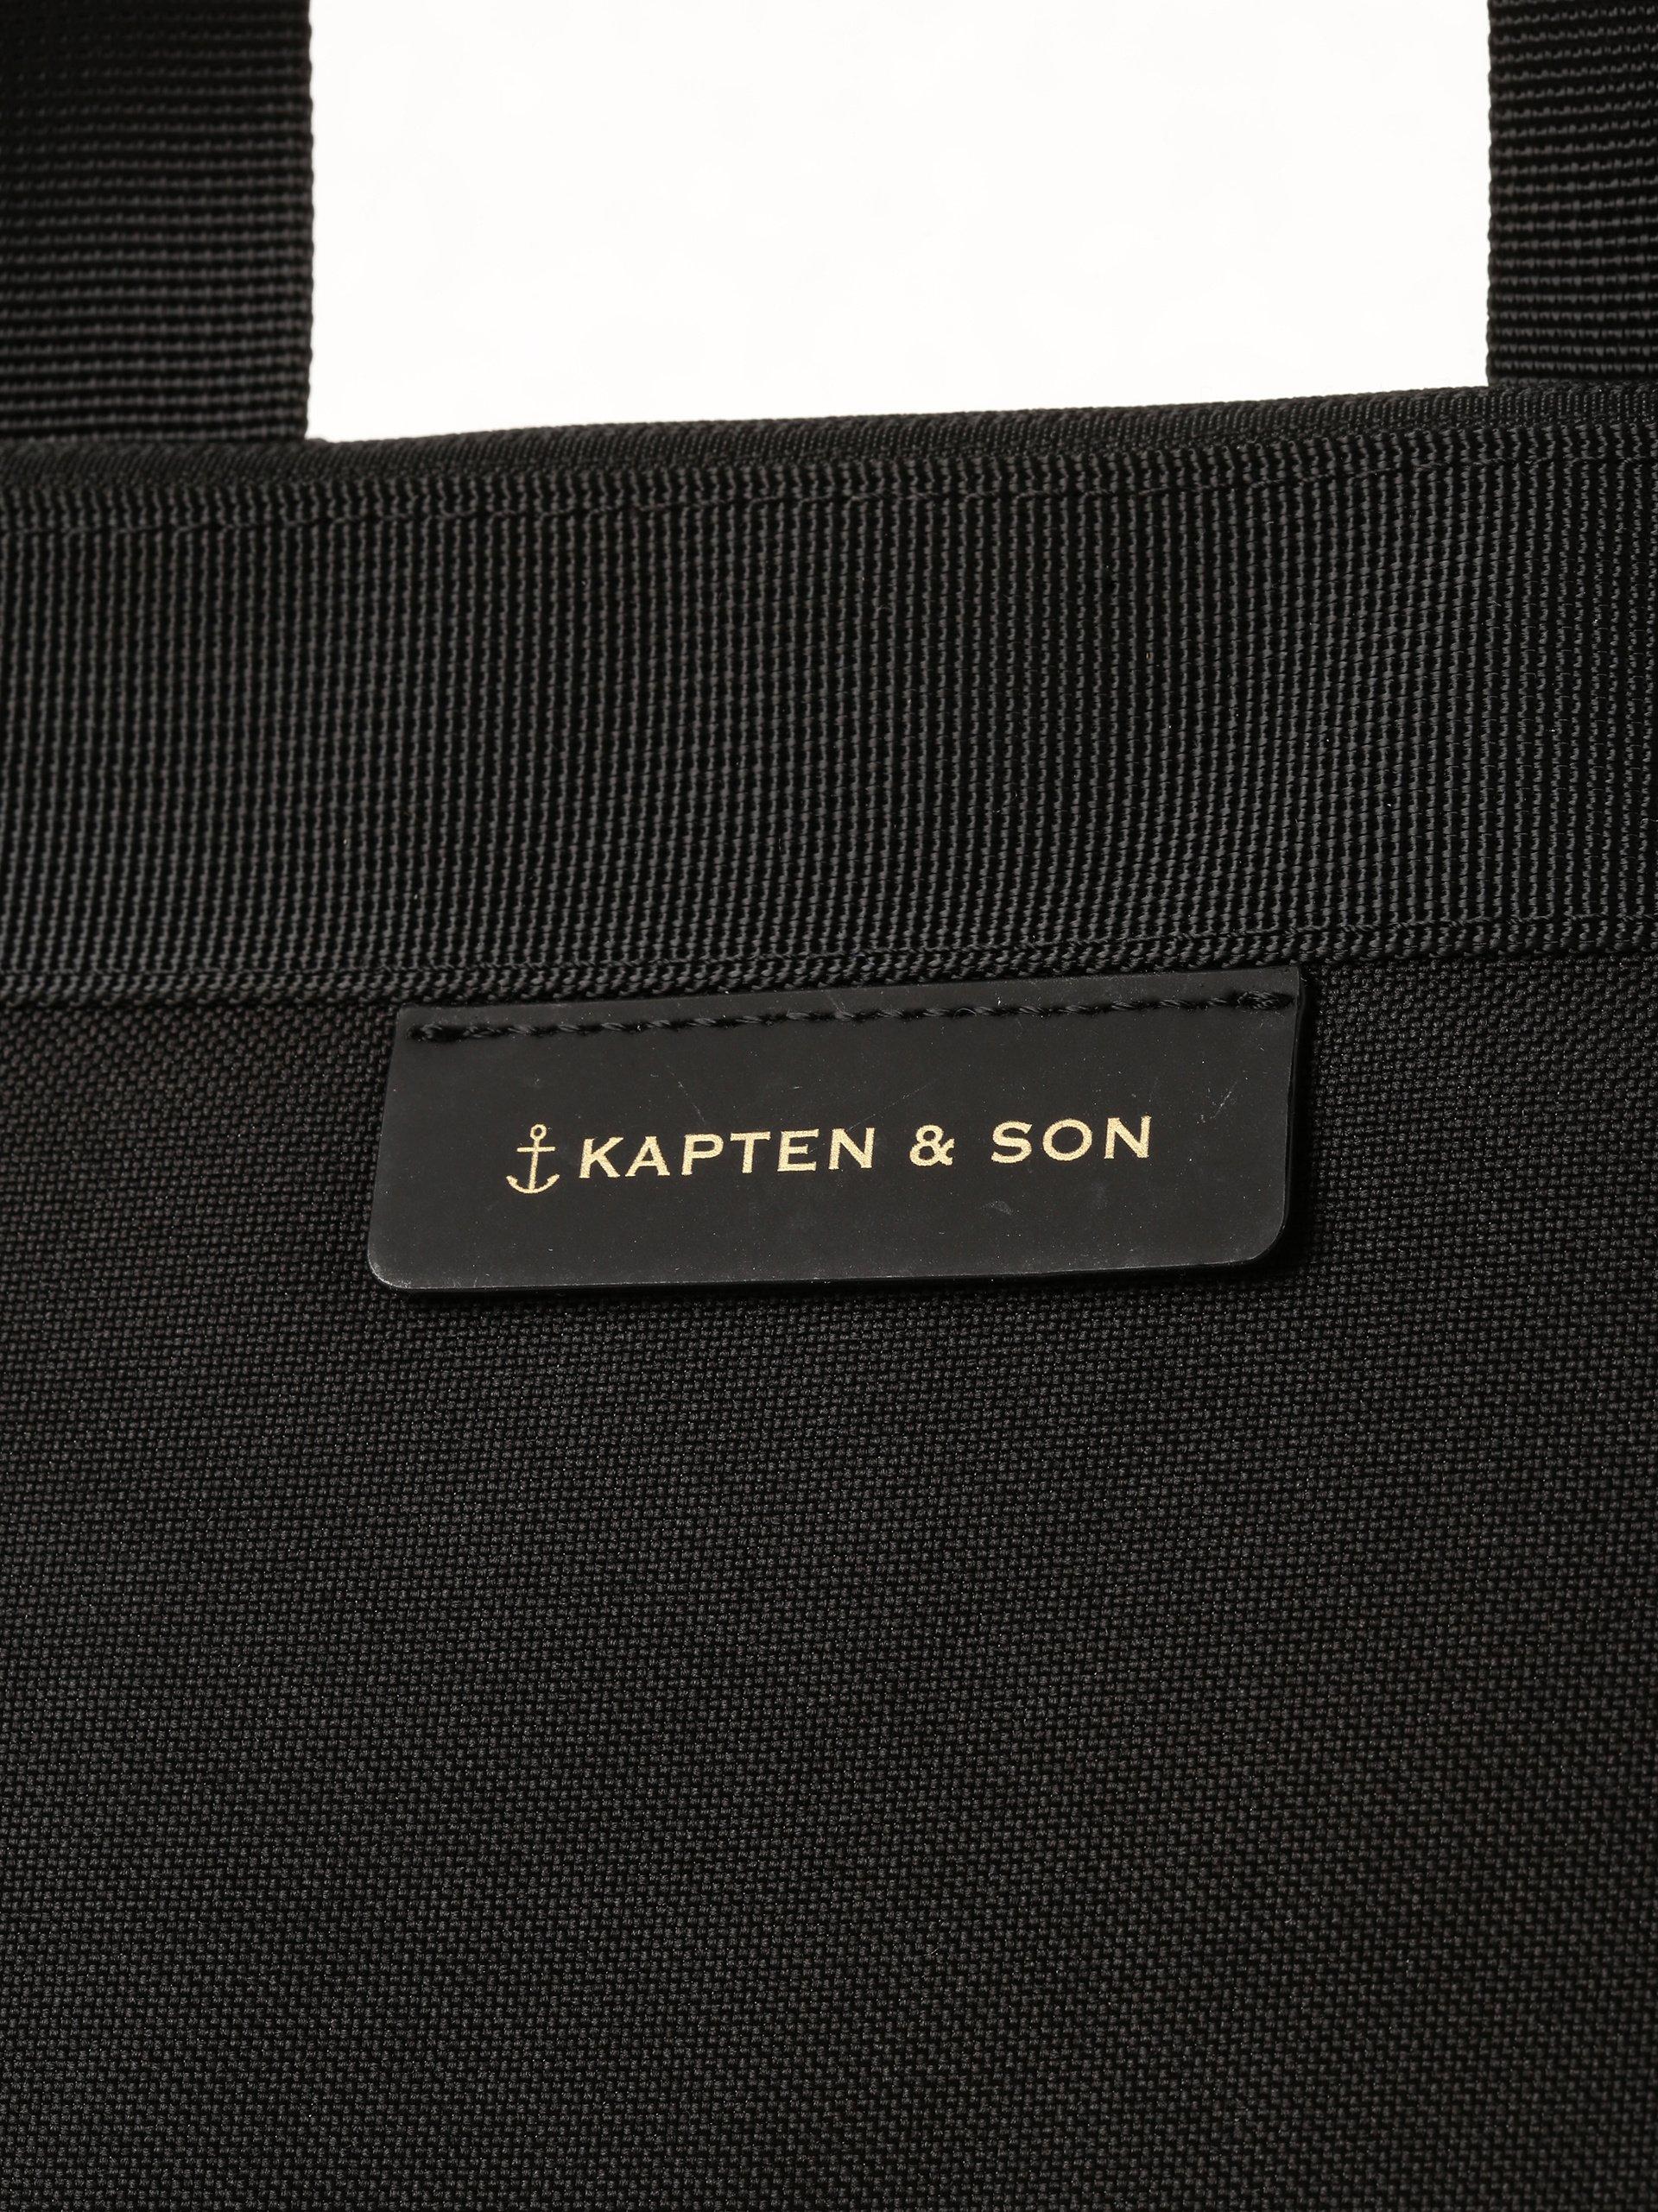 Kapten & Son Damen Rucksack - Umeå